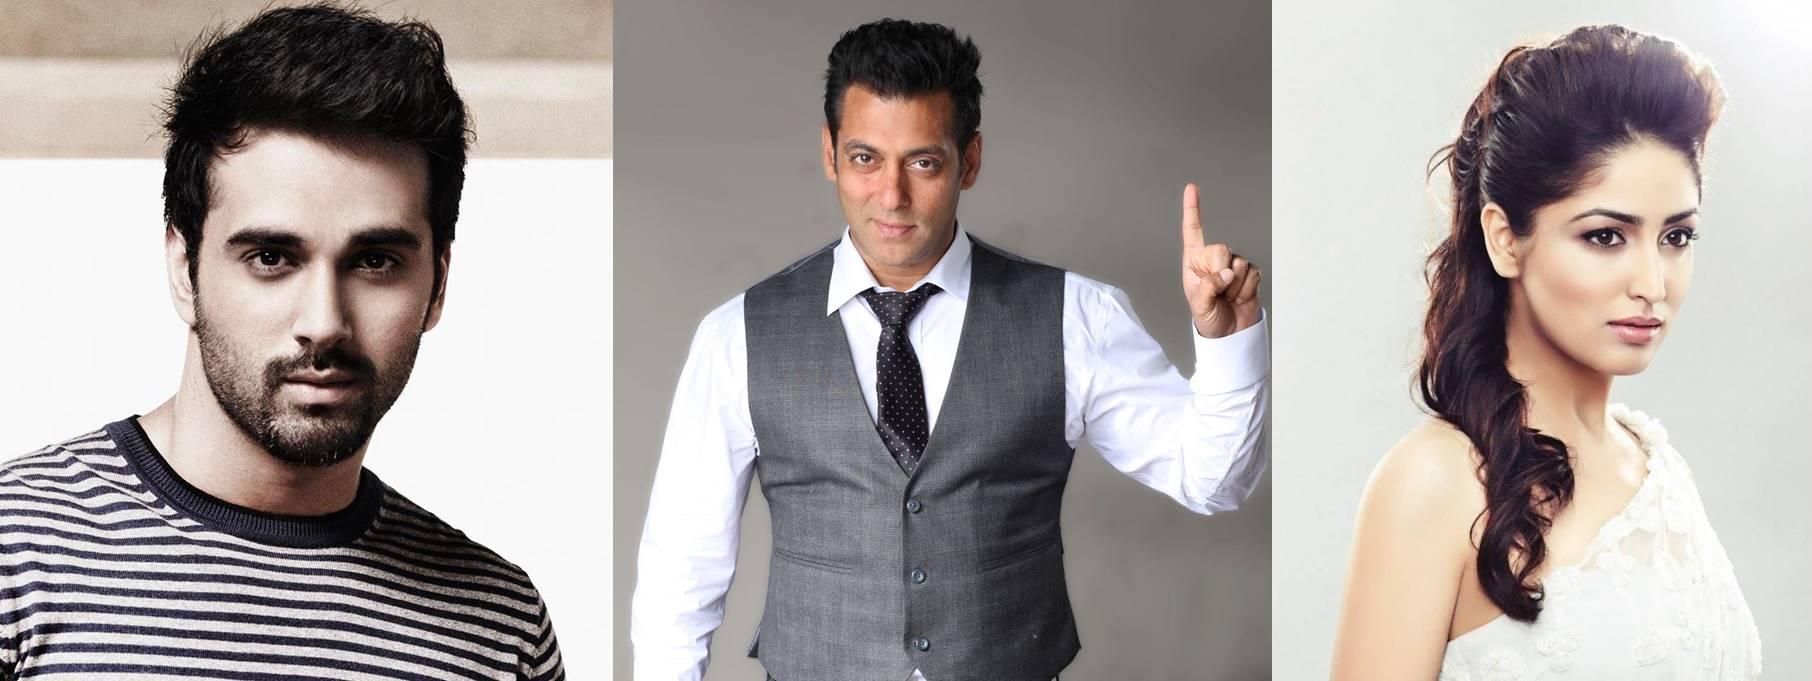 Salman Khan splits Pulkit Samrat and Yami Gautam for Sister's love